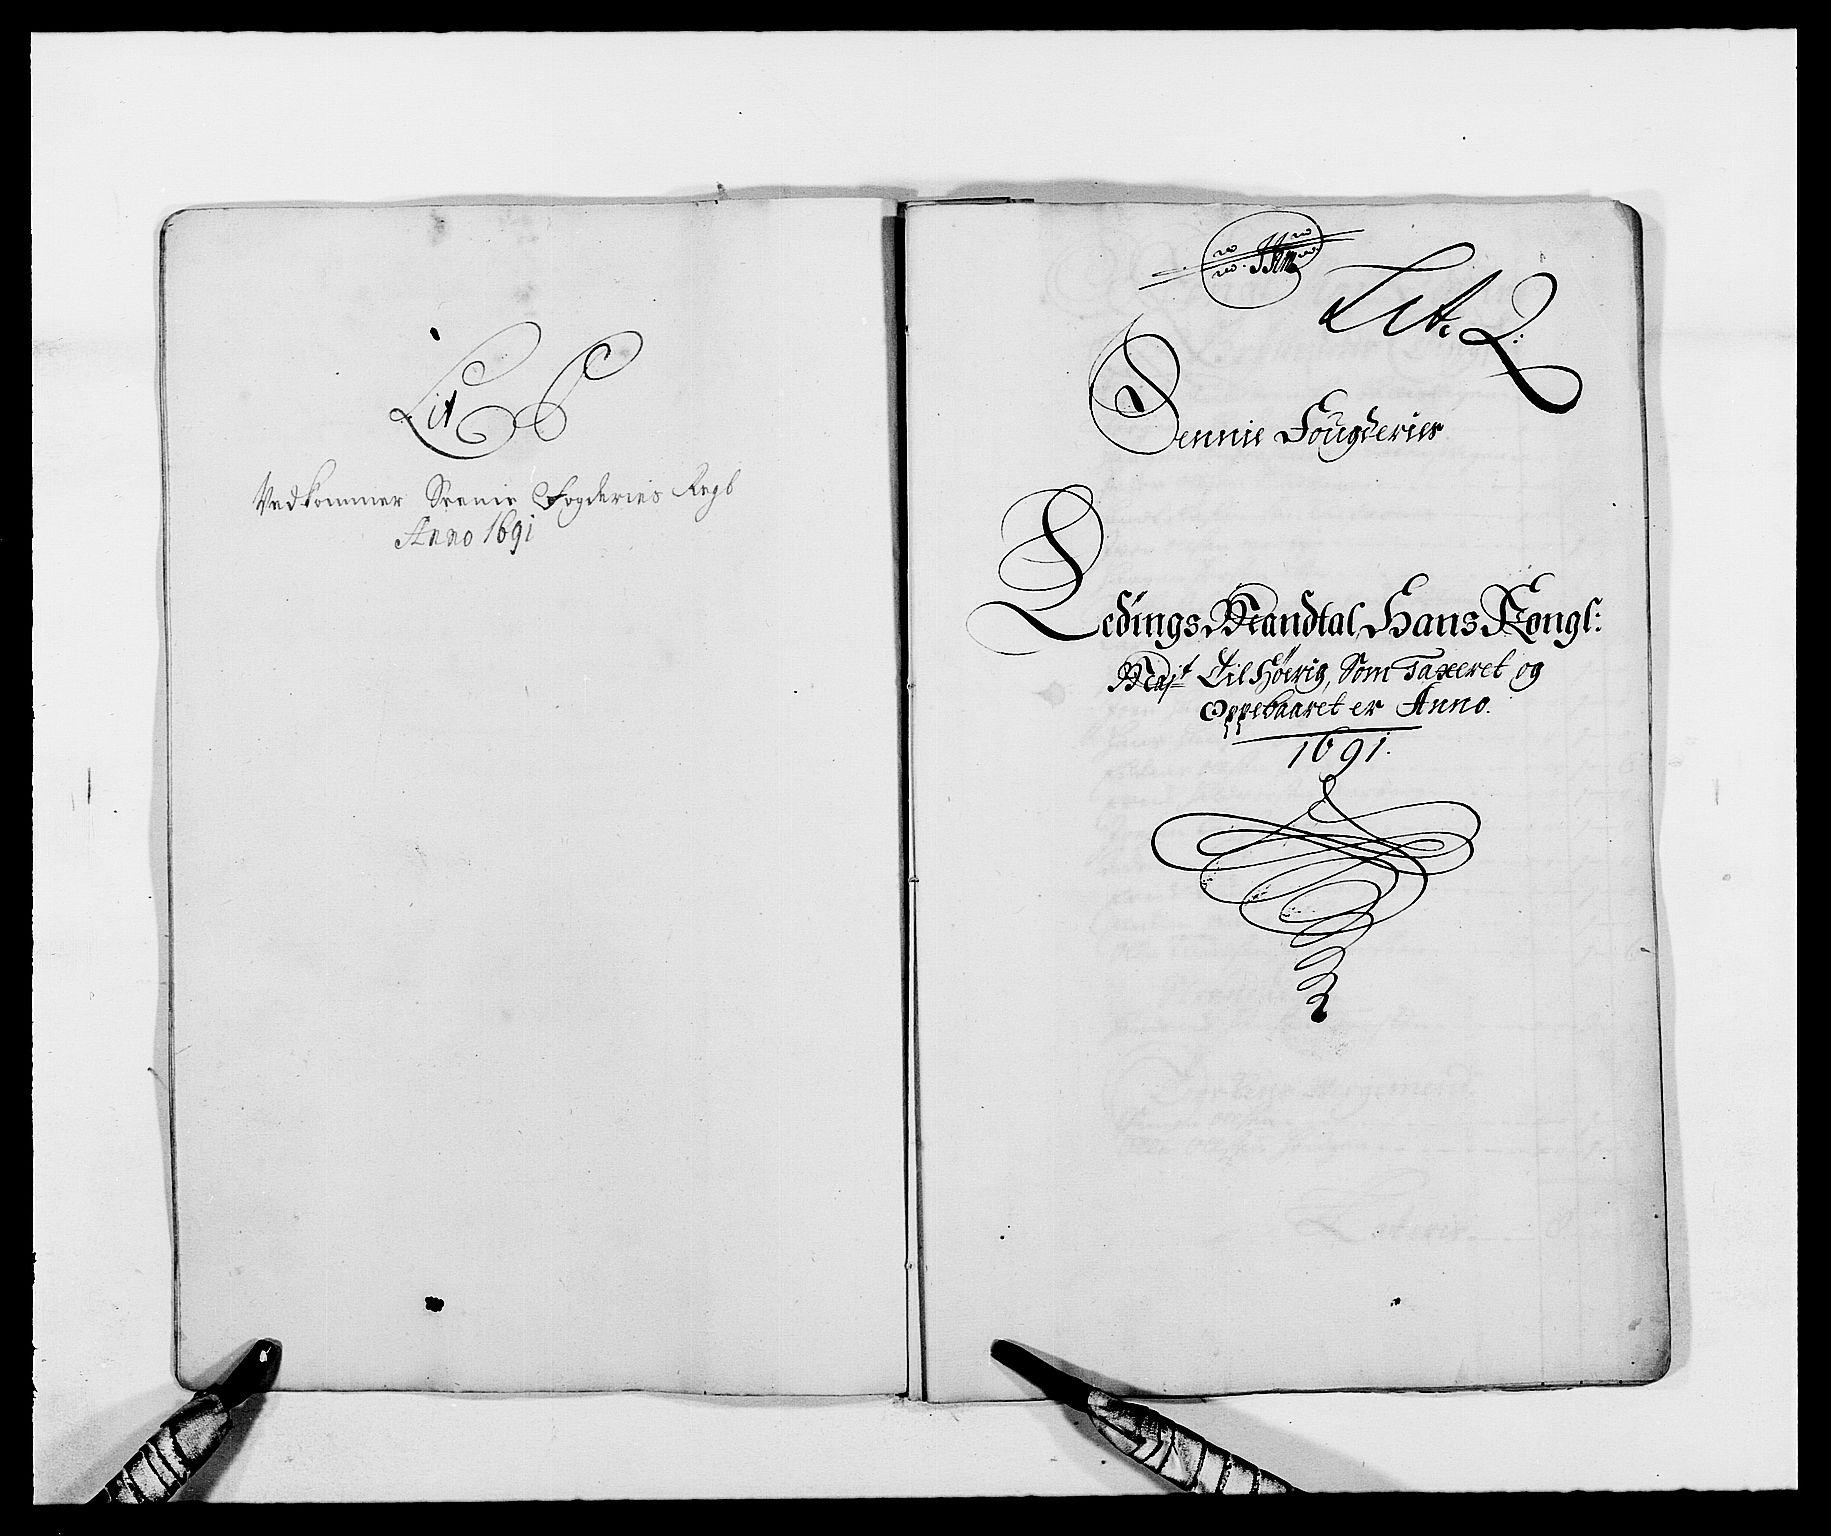 RA, Rentekammeret inntil 1814, Reviderte regnskaper, Fogderegnskap, R68/L4752: Fogderegnskap Senja og Troms, 1691-1693, s. 108